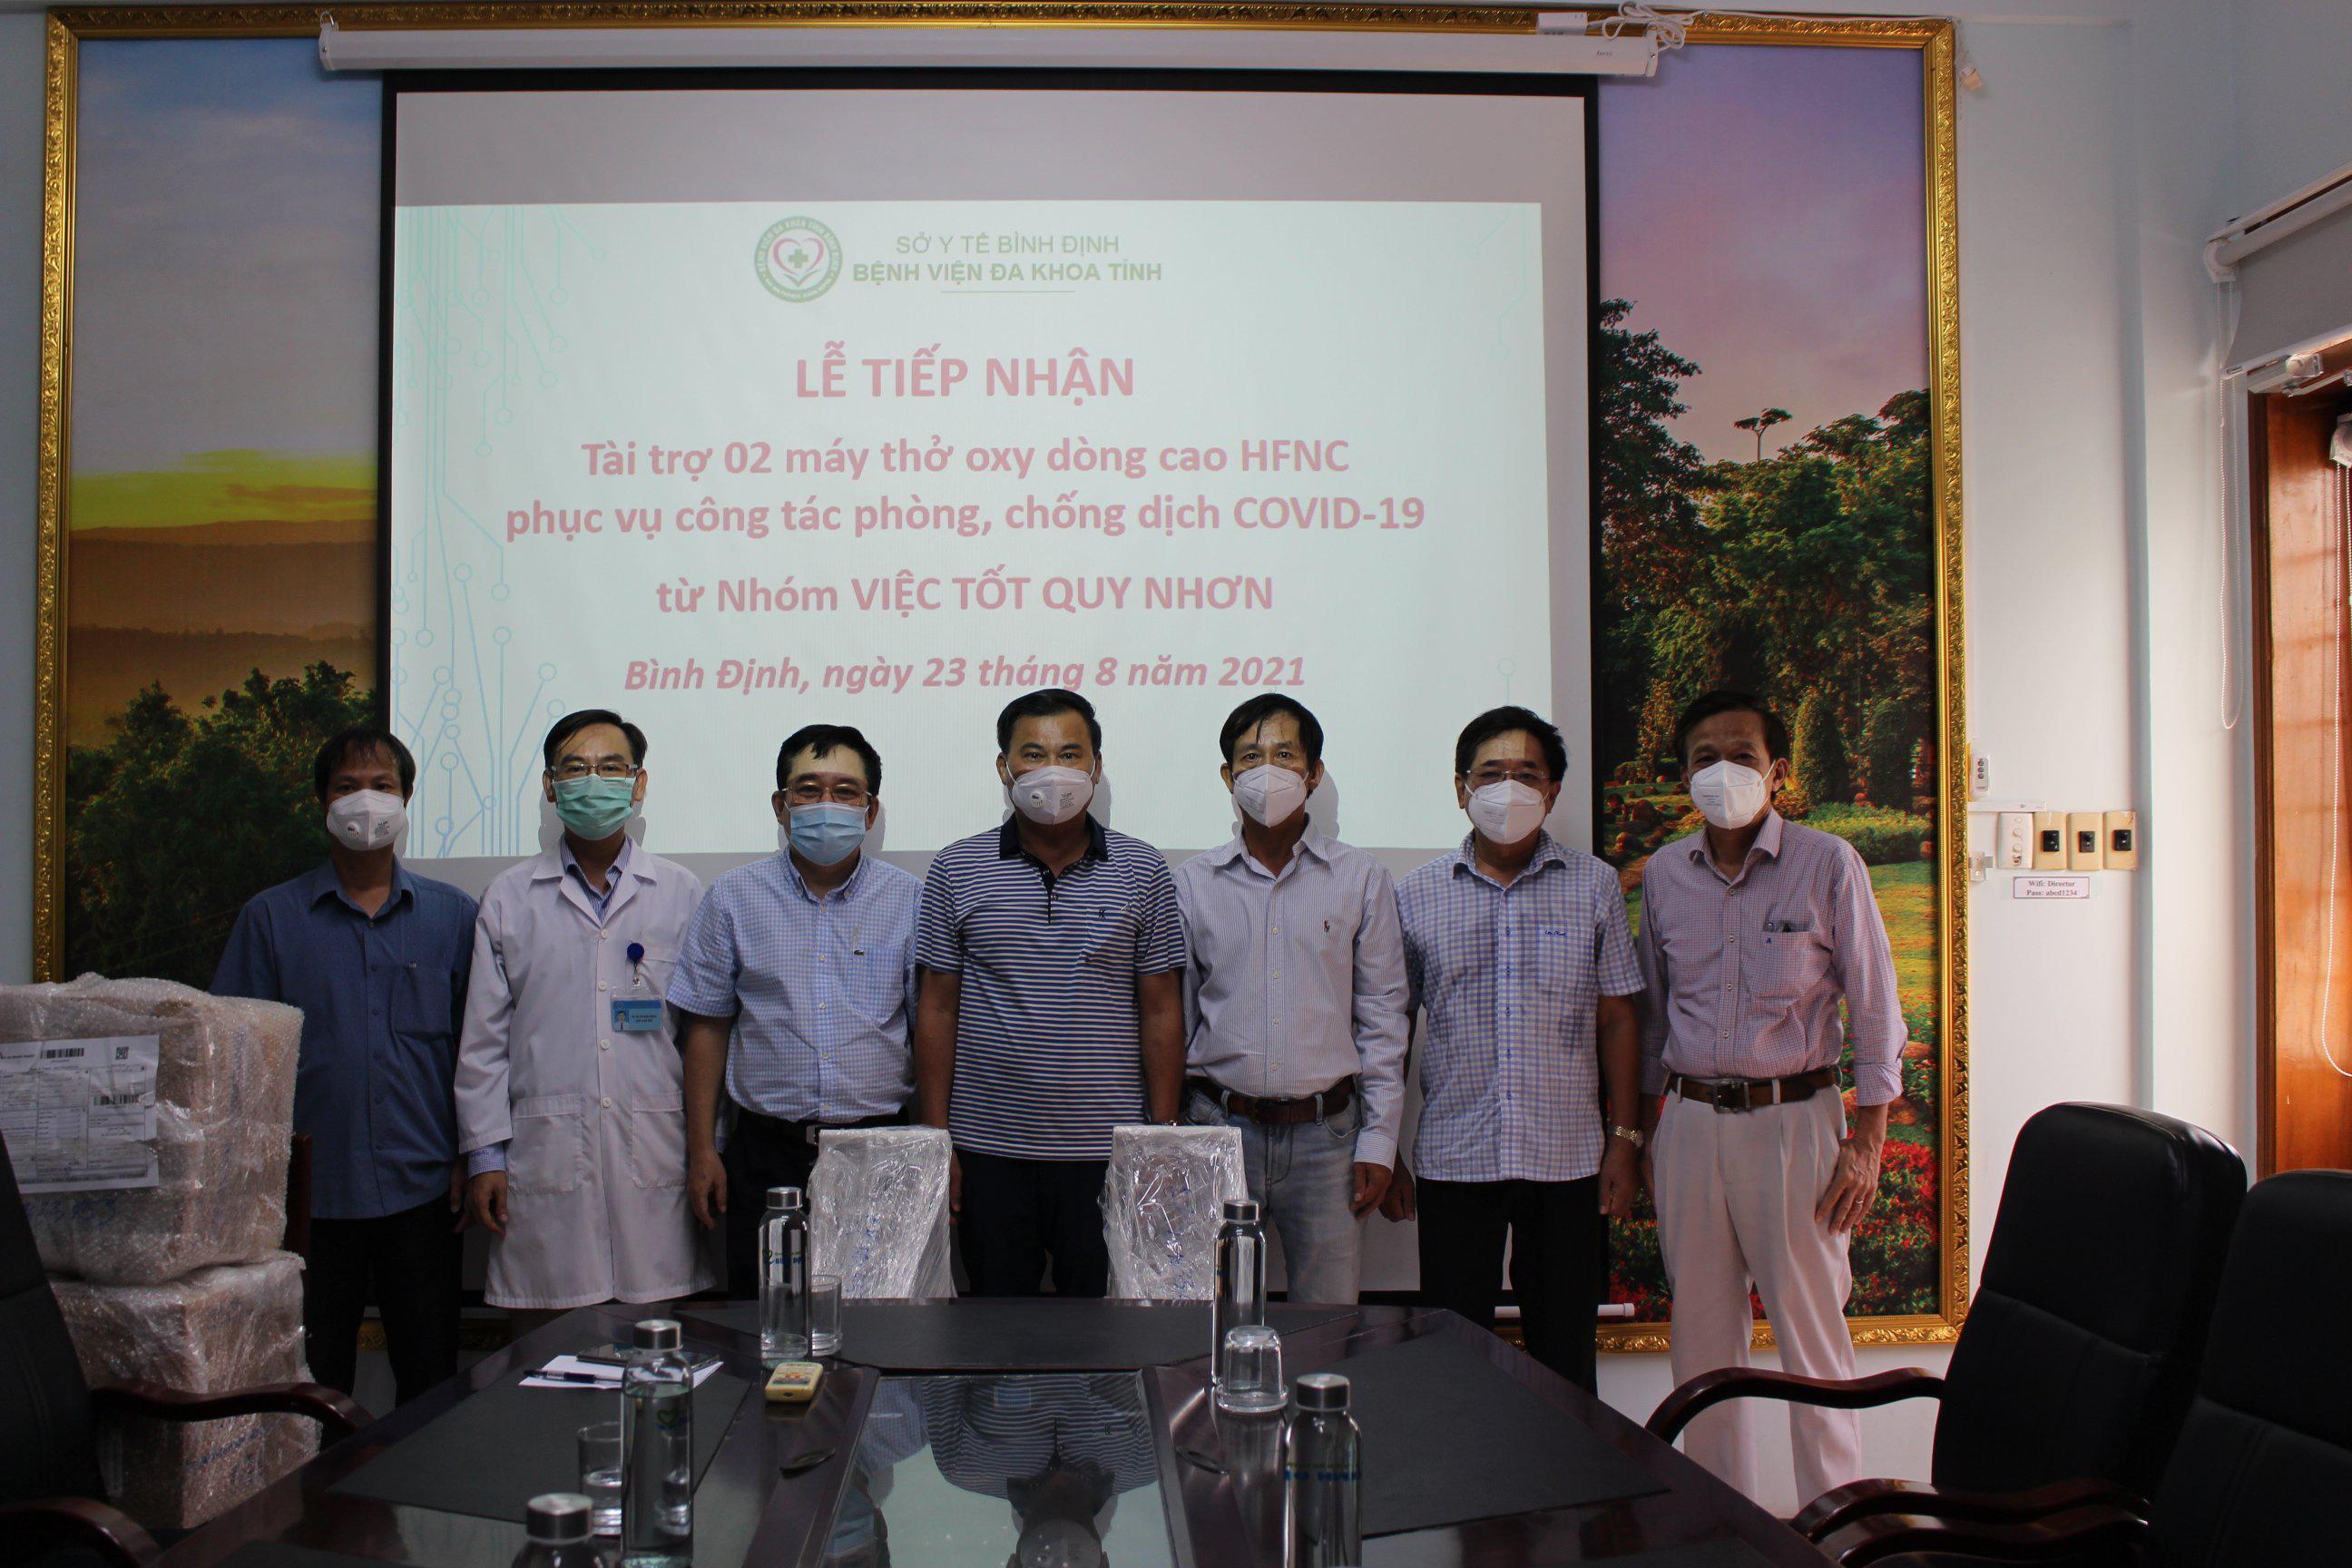 Nhóm VIỆC TỐT QUY NHƠN ủng hộ Bệnh viện đa khoa tỉnh Bình Định 02 máy thở Oxy dòng cao HFNC phòng, chống dịch Covid-19